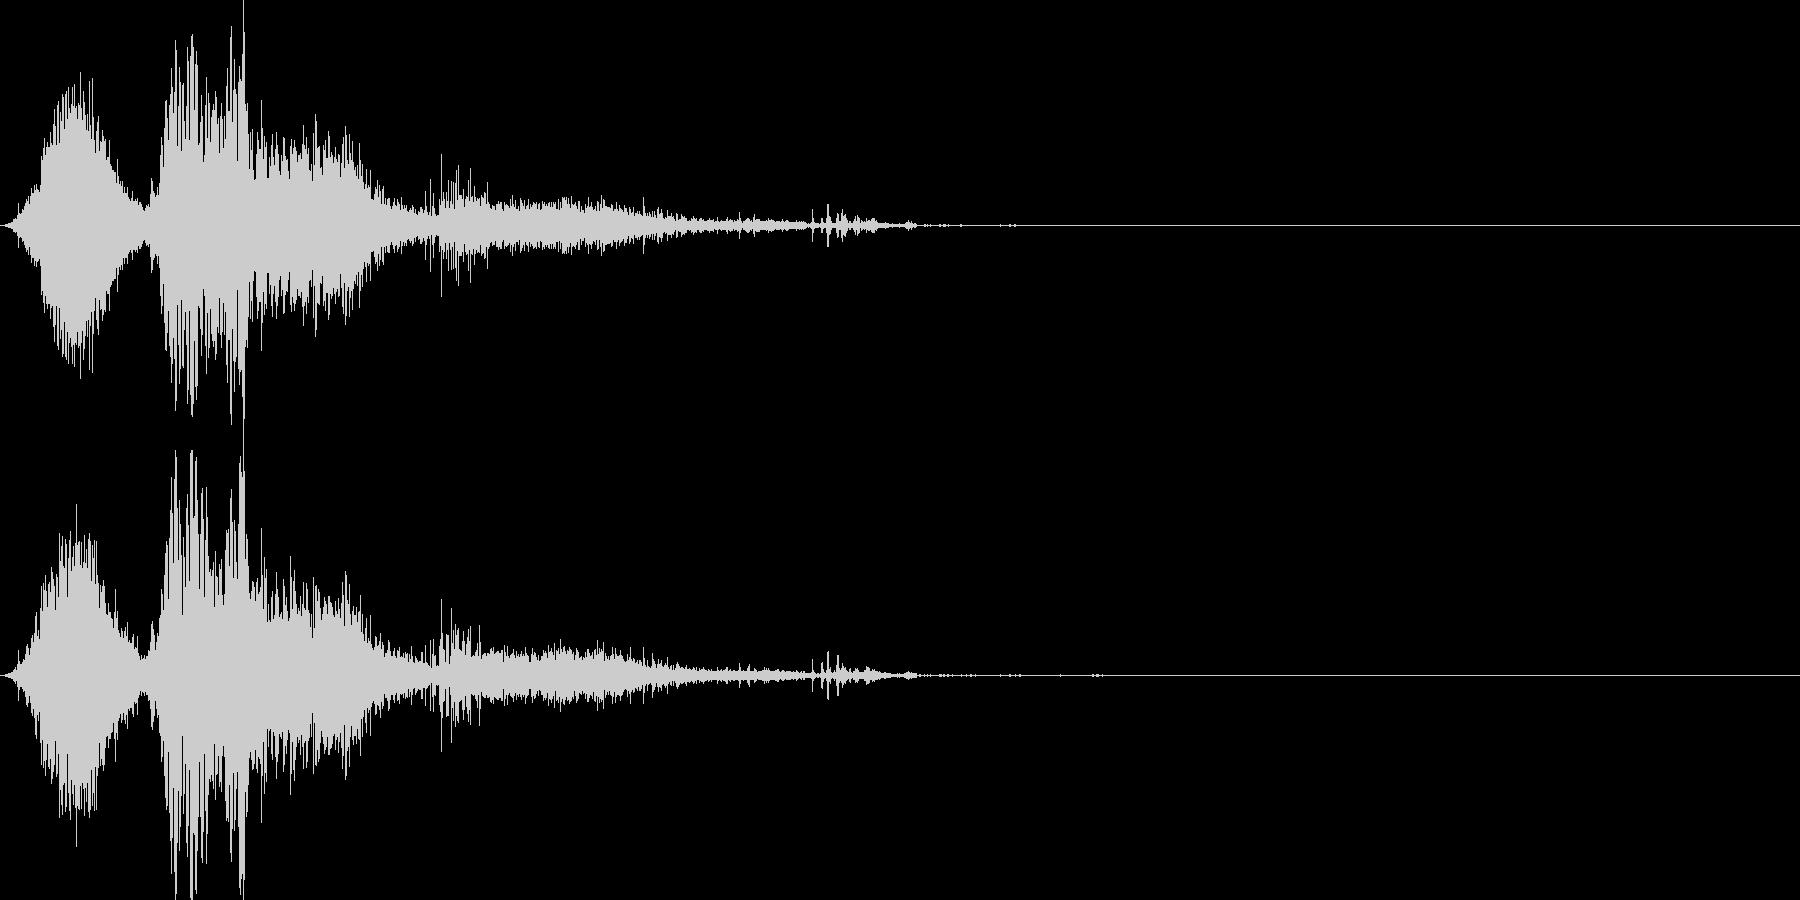 斬撃音(刀や剣で斬る/刺す効果音)16cの未再生の波形